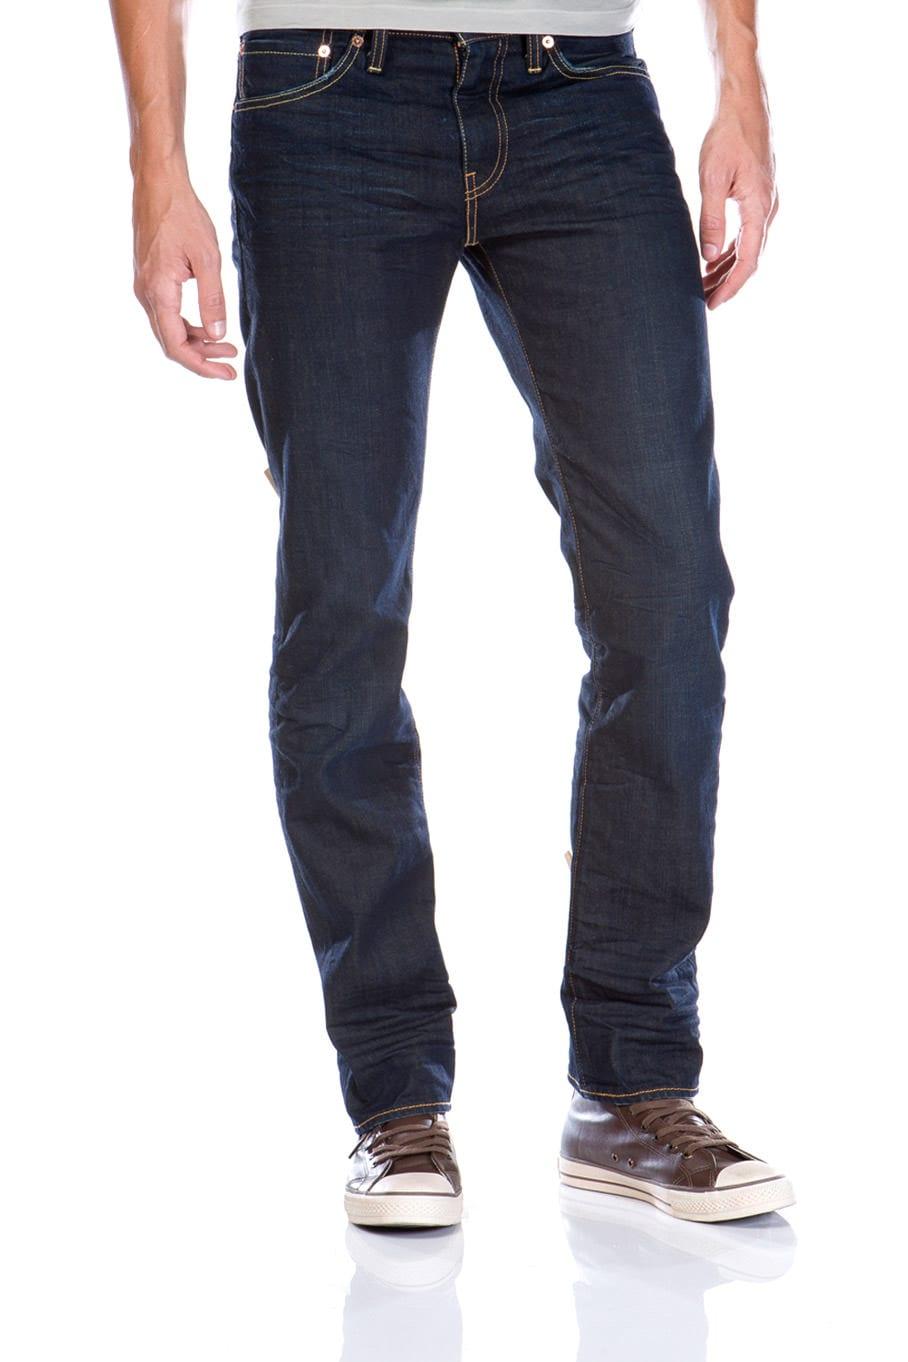 ropa elite ltima moda jeans levis 511 slim homme. Black Bedroom Furniture Sets. Home Design Ideas